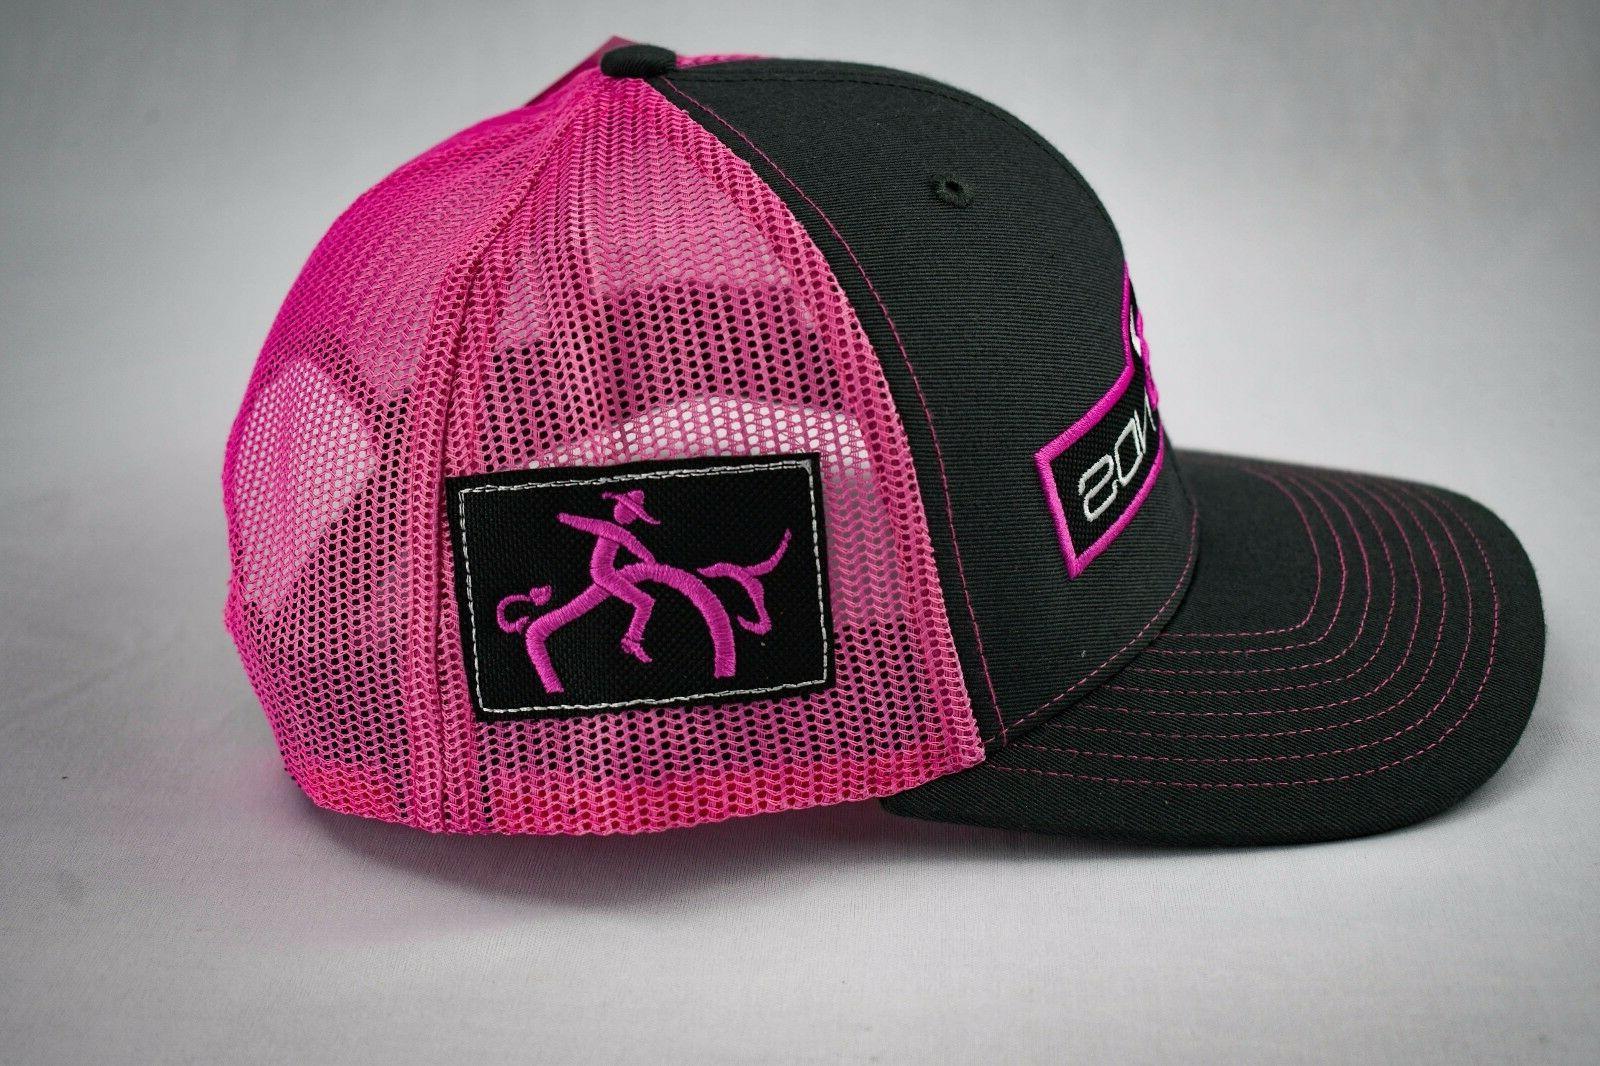 8 SECONDS RODEO cap Bull Horse hat Snapback MAD